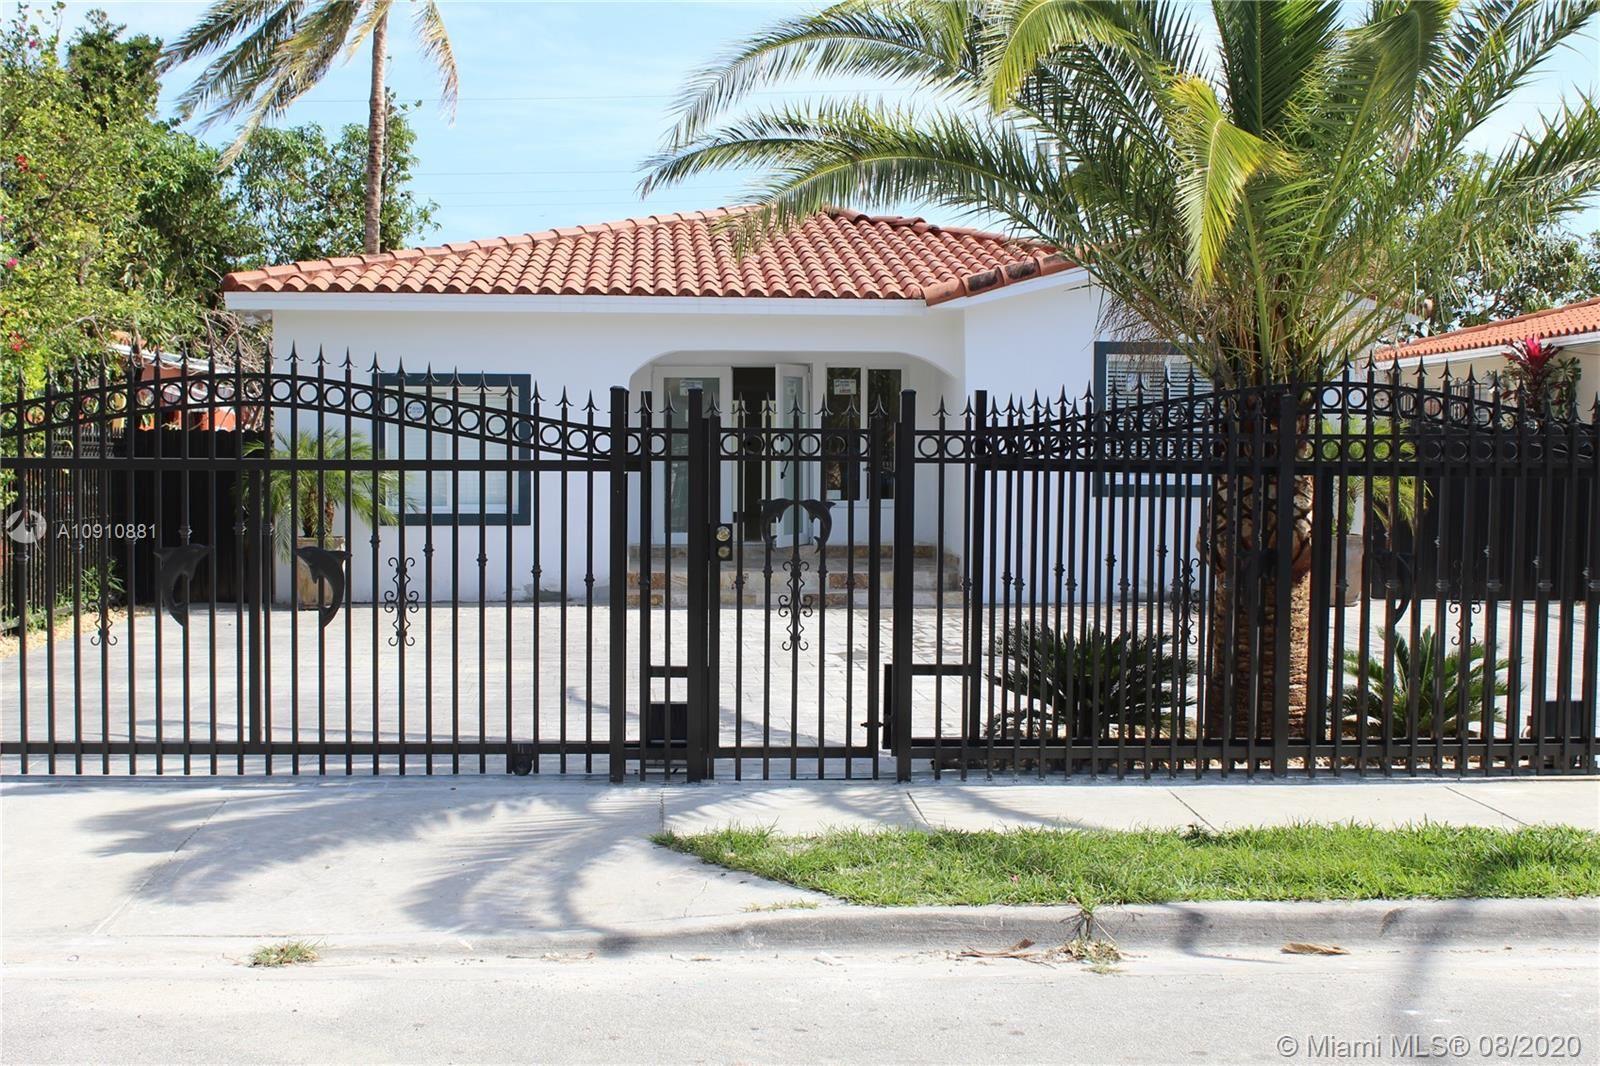 855 NW 17th Pl, Miami, FL 33125 - #: A10910881